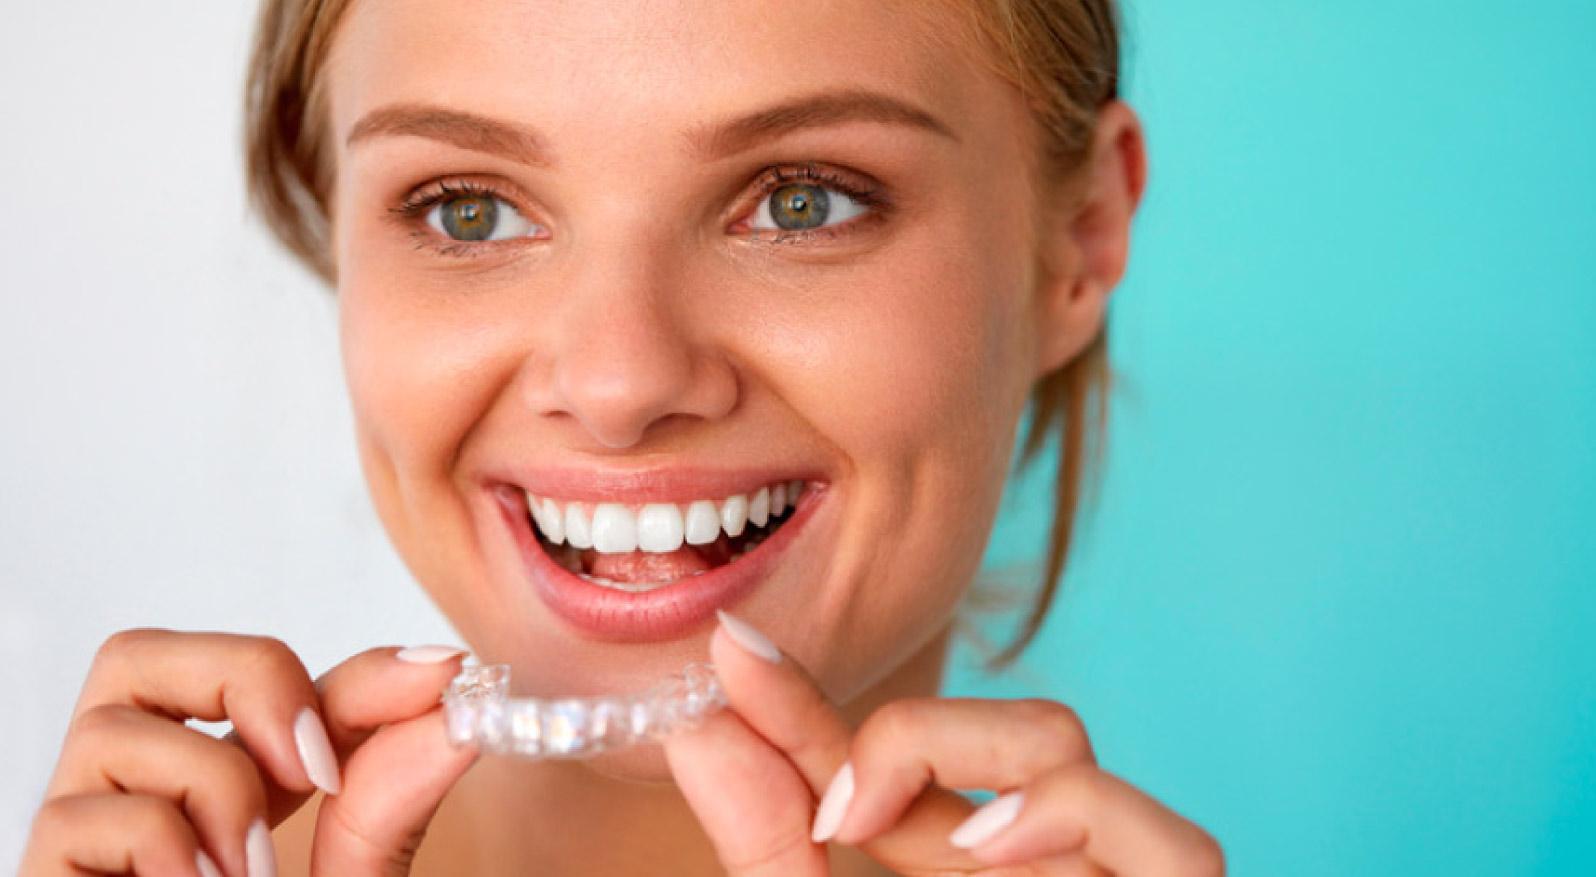 Estudio de ortodoncia personalizado para cada caso en particular